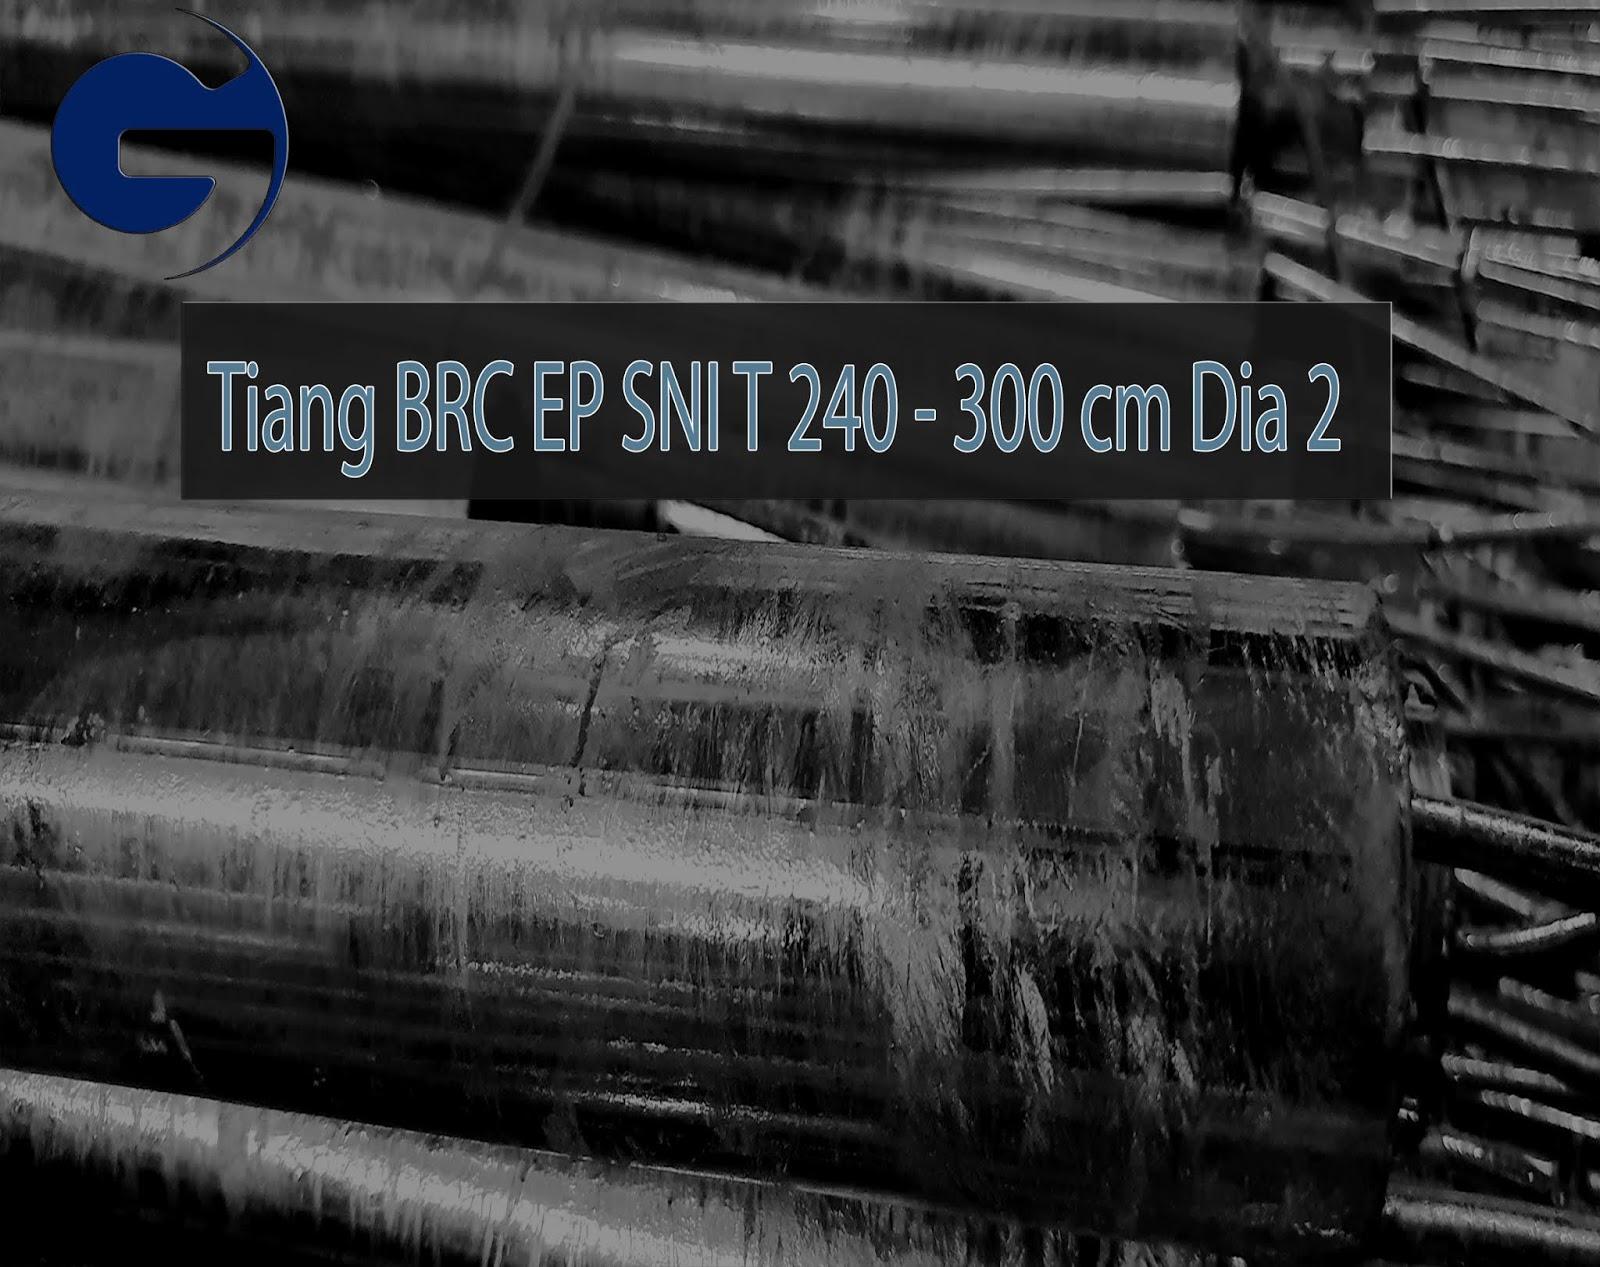 Jual Tiang BRC EP SNI T 300 CM Dia 2 Inch